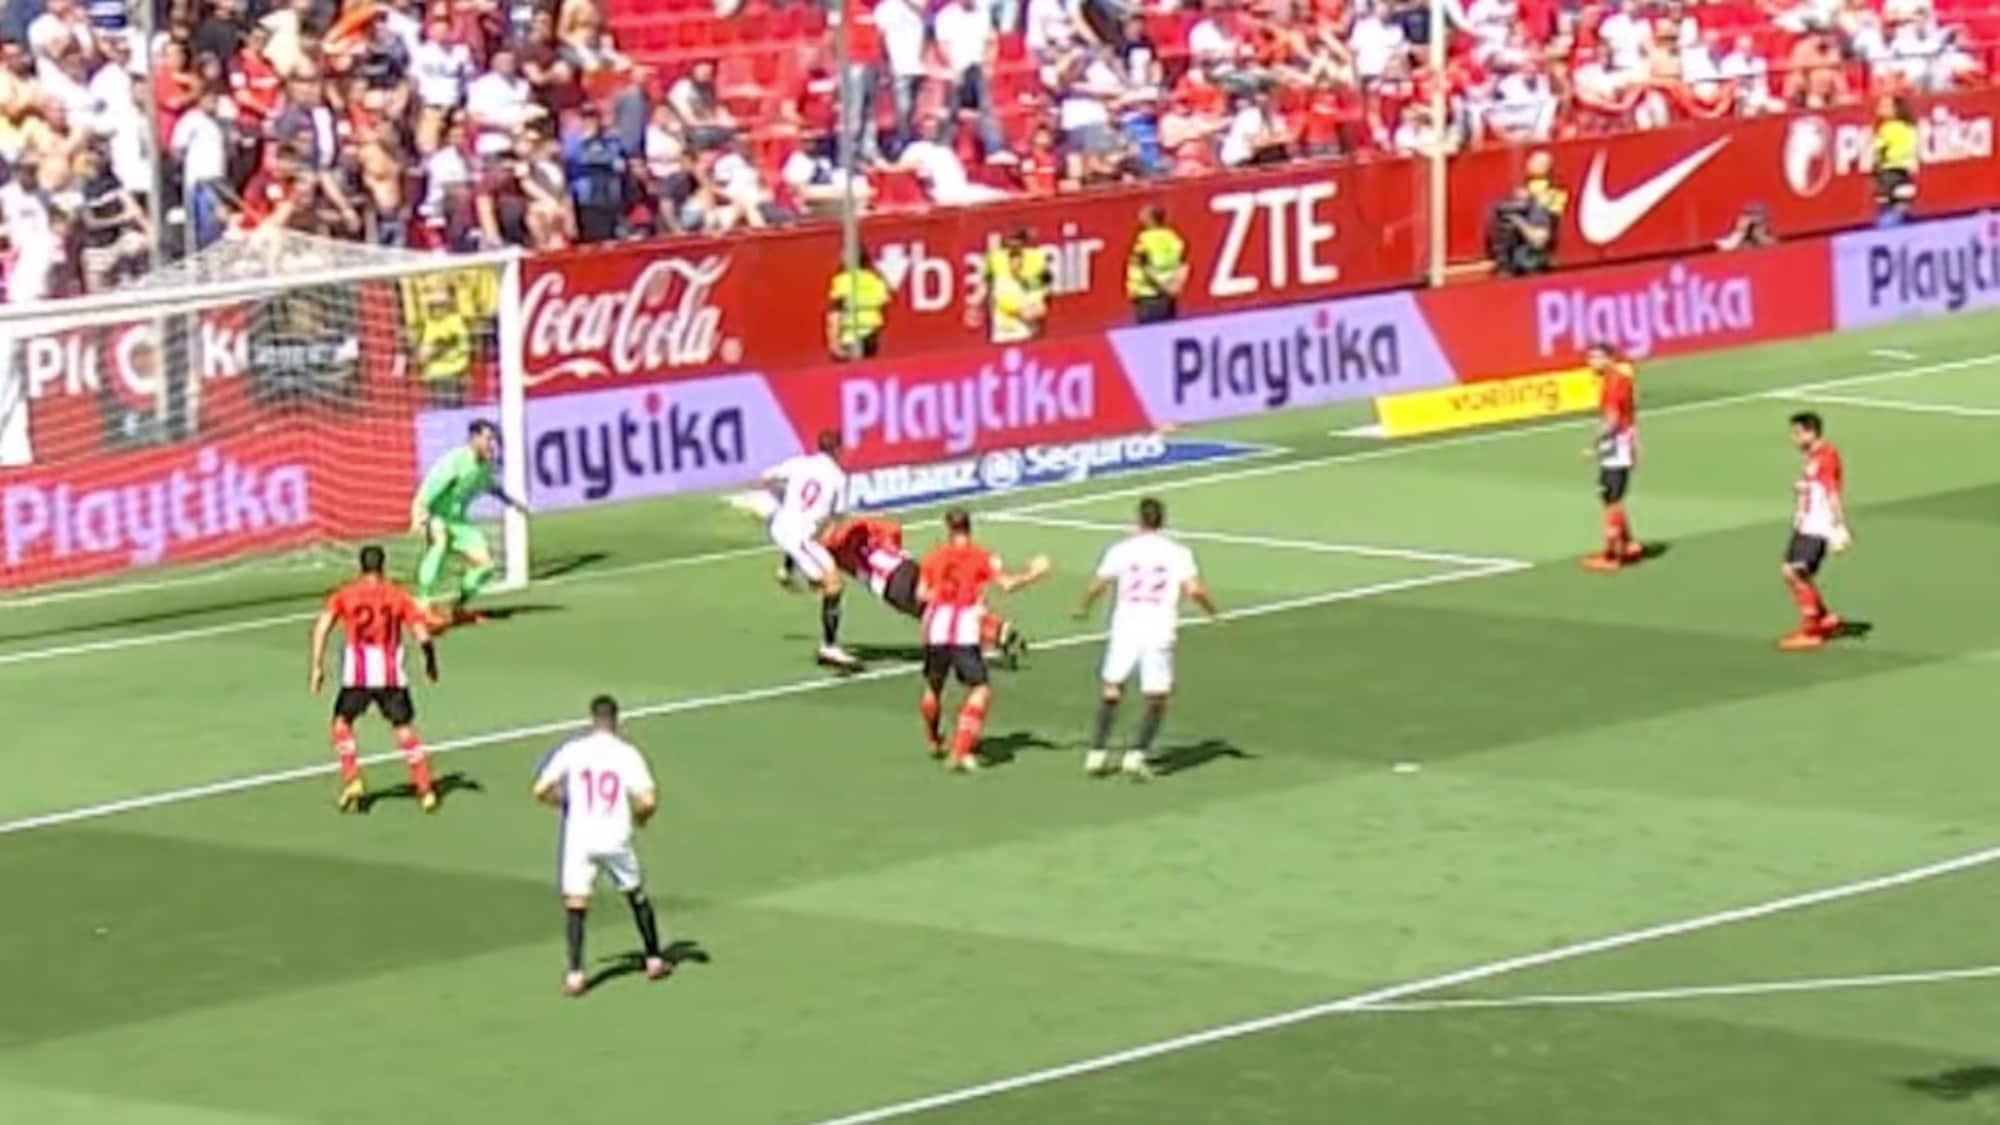 2:0-Sieg gegen Bilbao: Hier bringt Ben Yedder Sevilla in Front